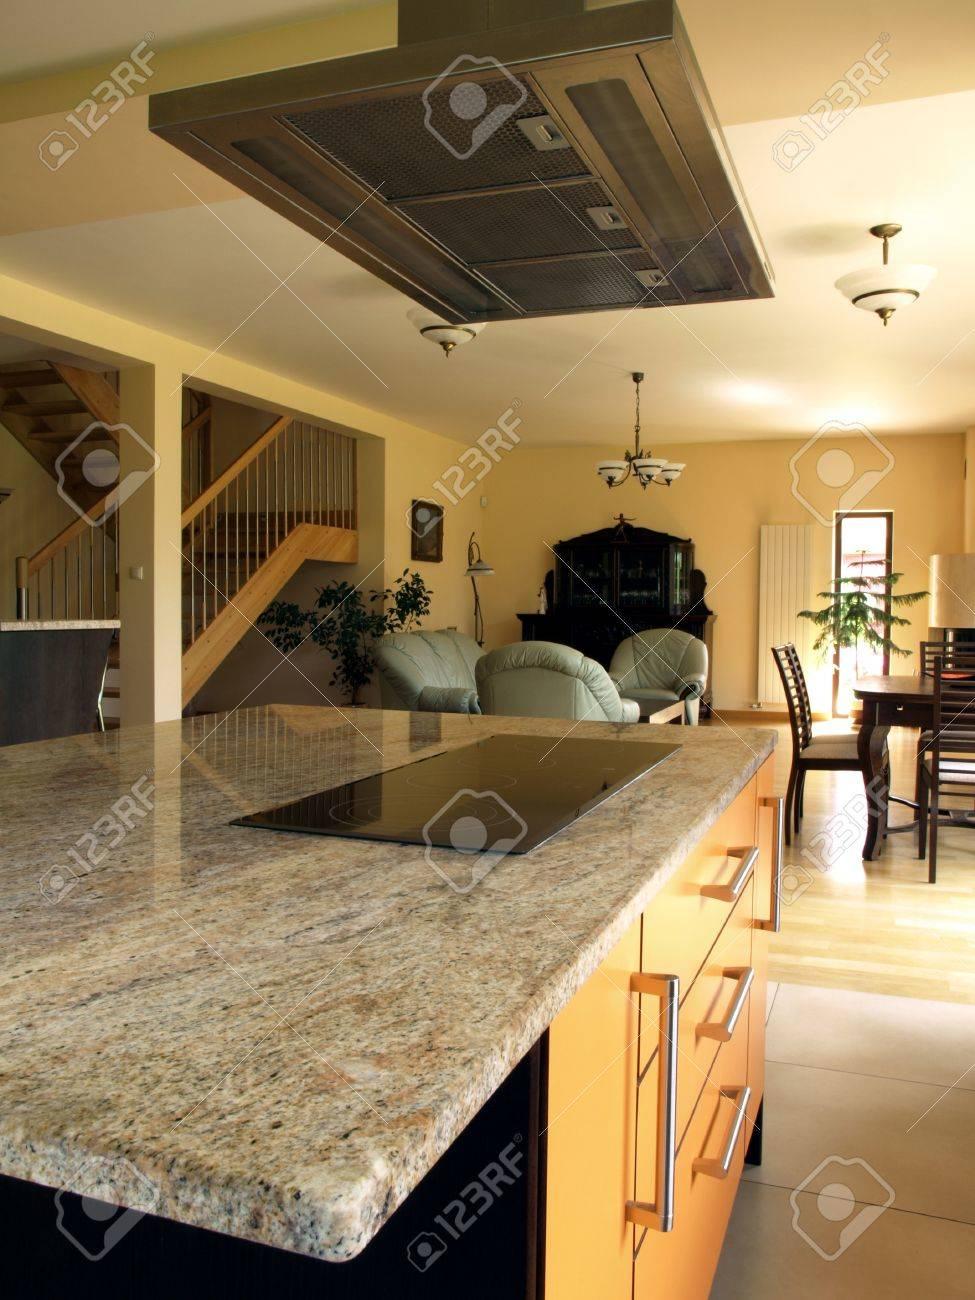 Intérieur d\'une maison moderne: salle de cuisine, salon et salle à manger